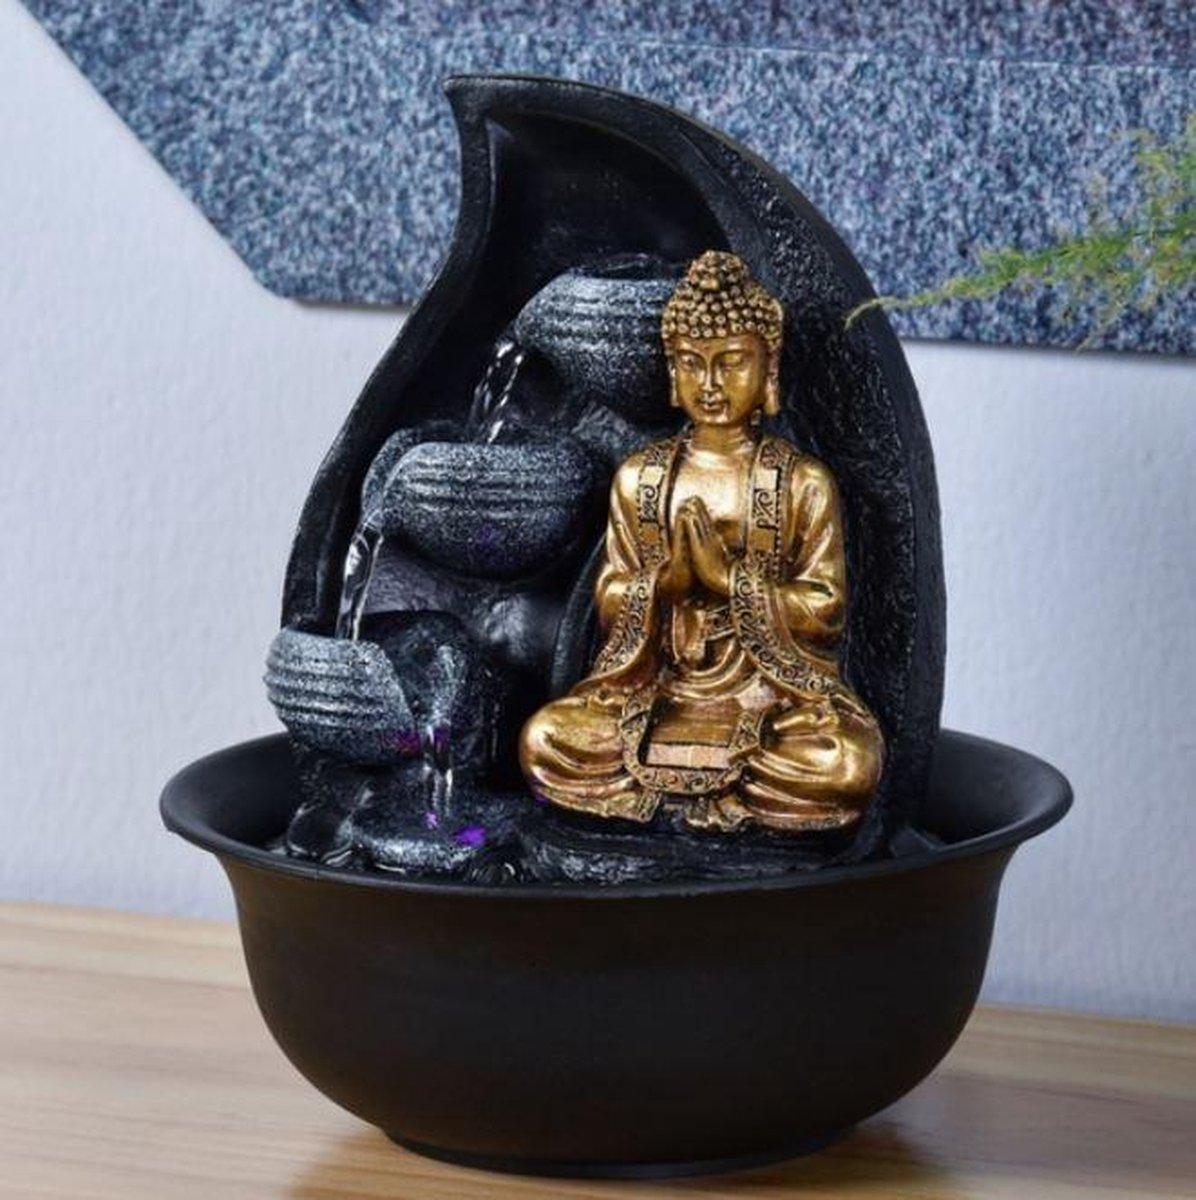 Fontein Boeddha Praya 22 cm hoog - fontein - interieur - fontein voor binnen - relaxeer - zen - waterornament - cadeau - geschenk - verjaardag - kerst - nieuwjaar - origineel - lente - zomer - lentecollectie - zomercollectie - afkoeling - koelte